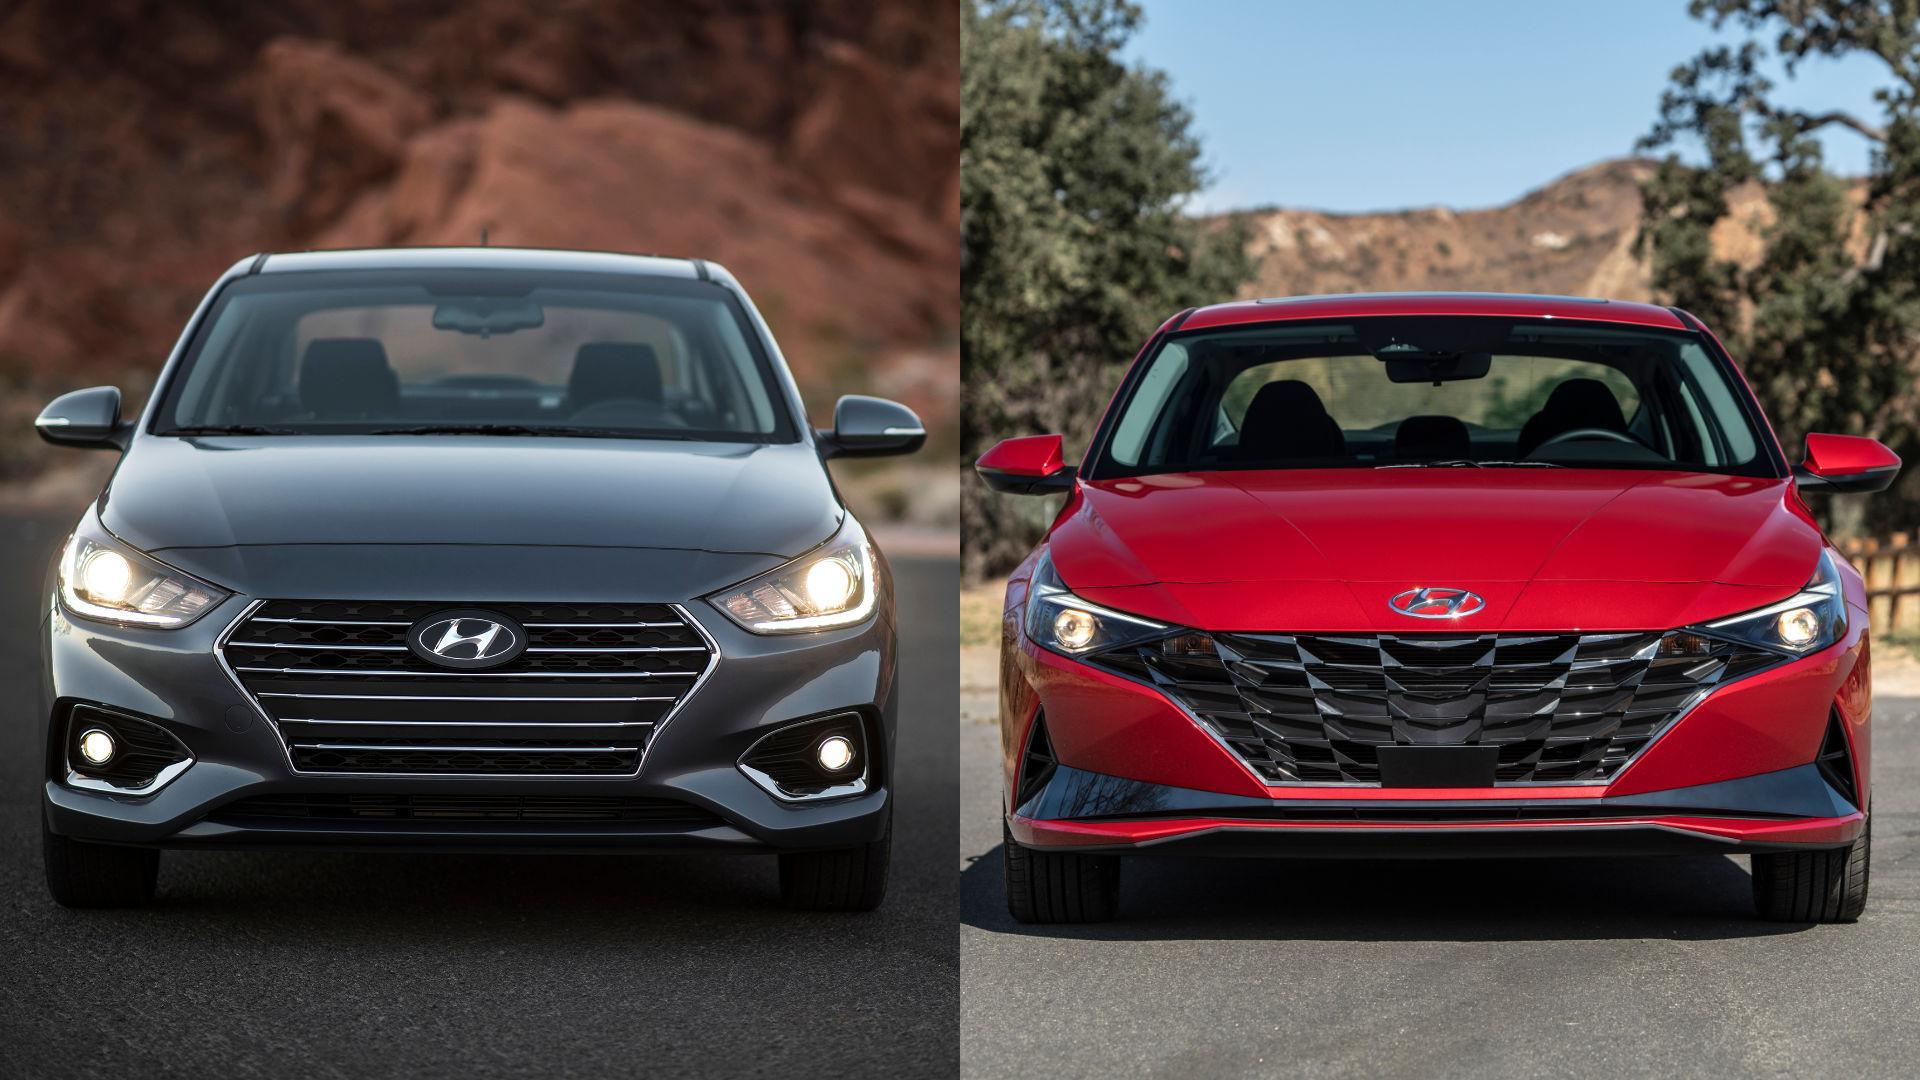 Hyundai Accent vs Elantra